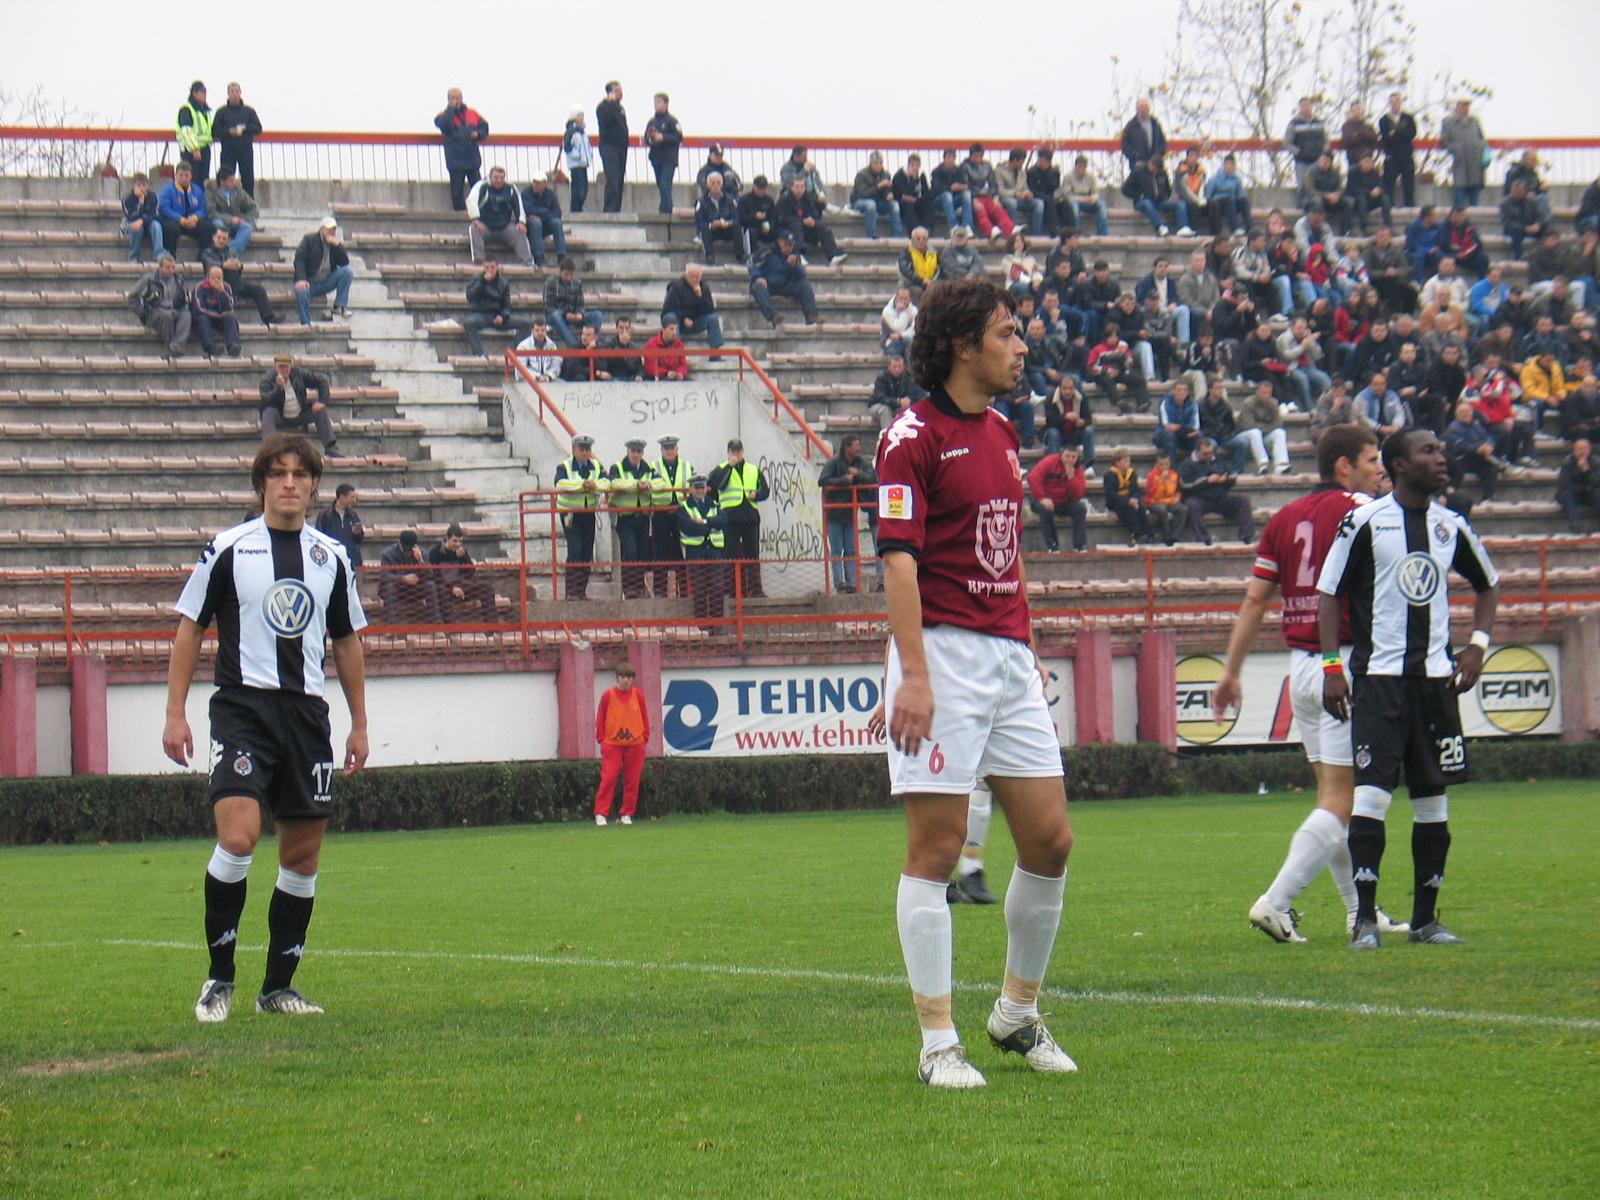 Backa-Napredak 30 novembre: si gioca per la 18 esima giornata del campionato serbo. Gli ospiti sono favoriti per i 3 punti.